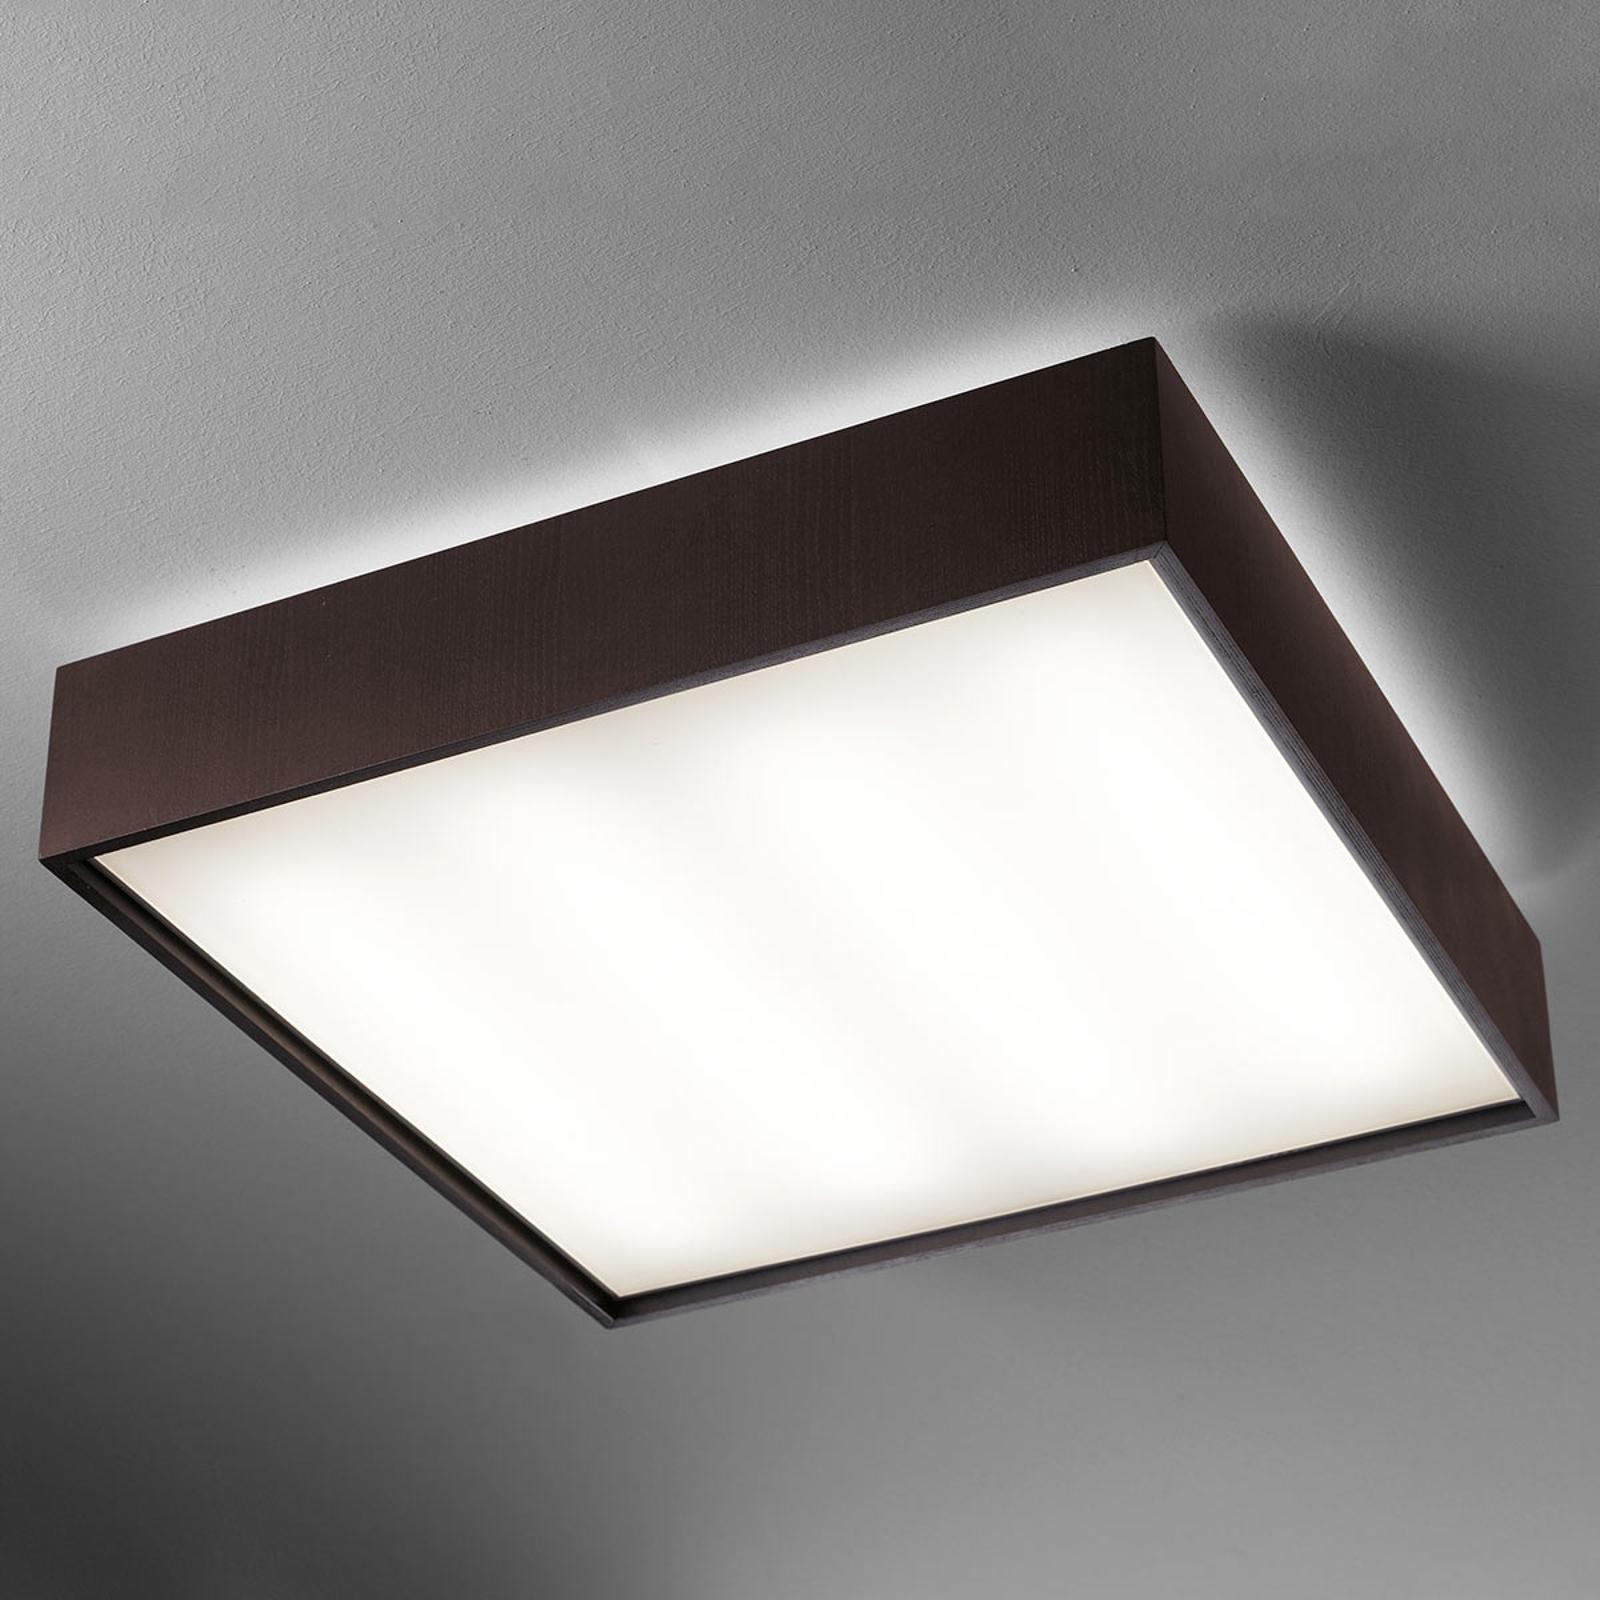 Loftlampe Quadrat S med LED 60x60, wenge